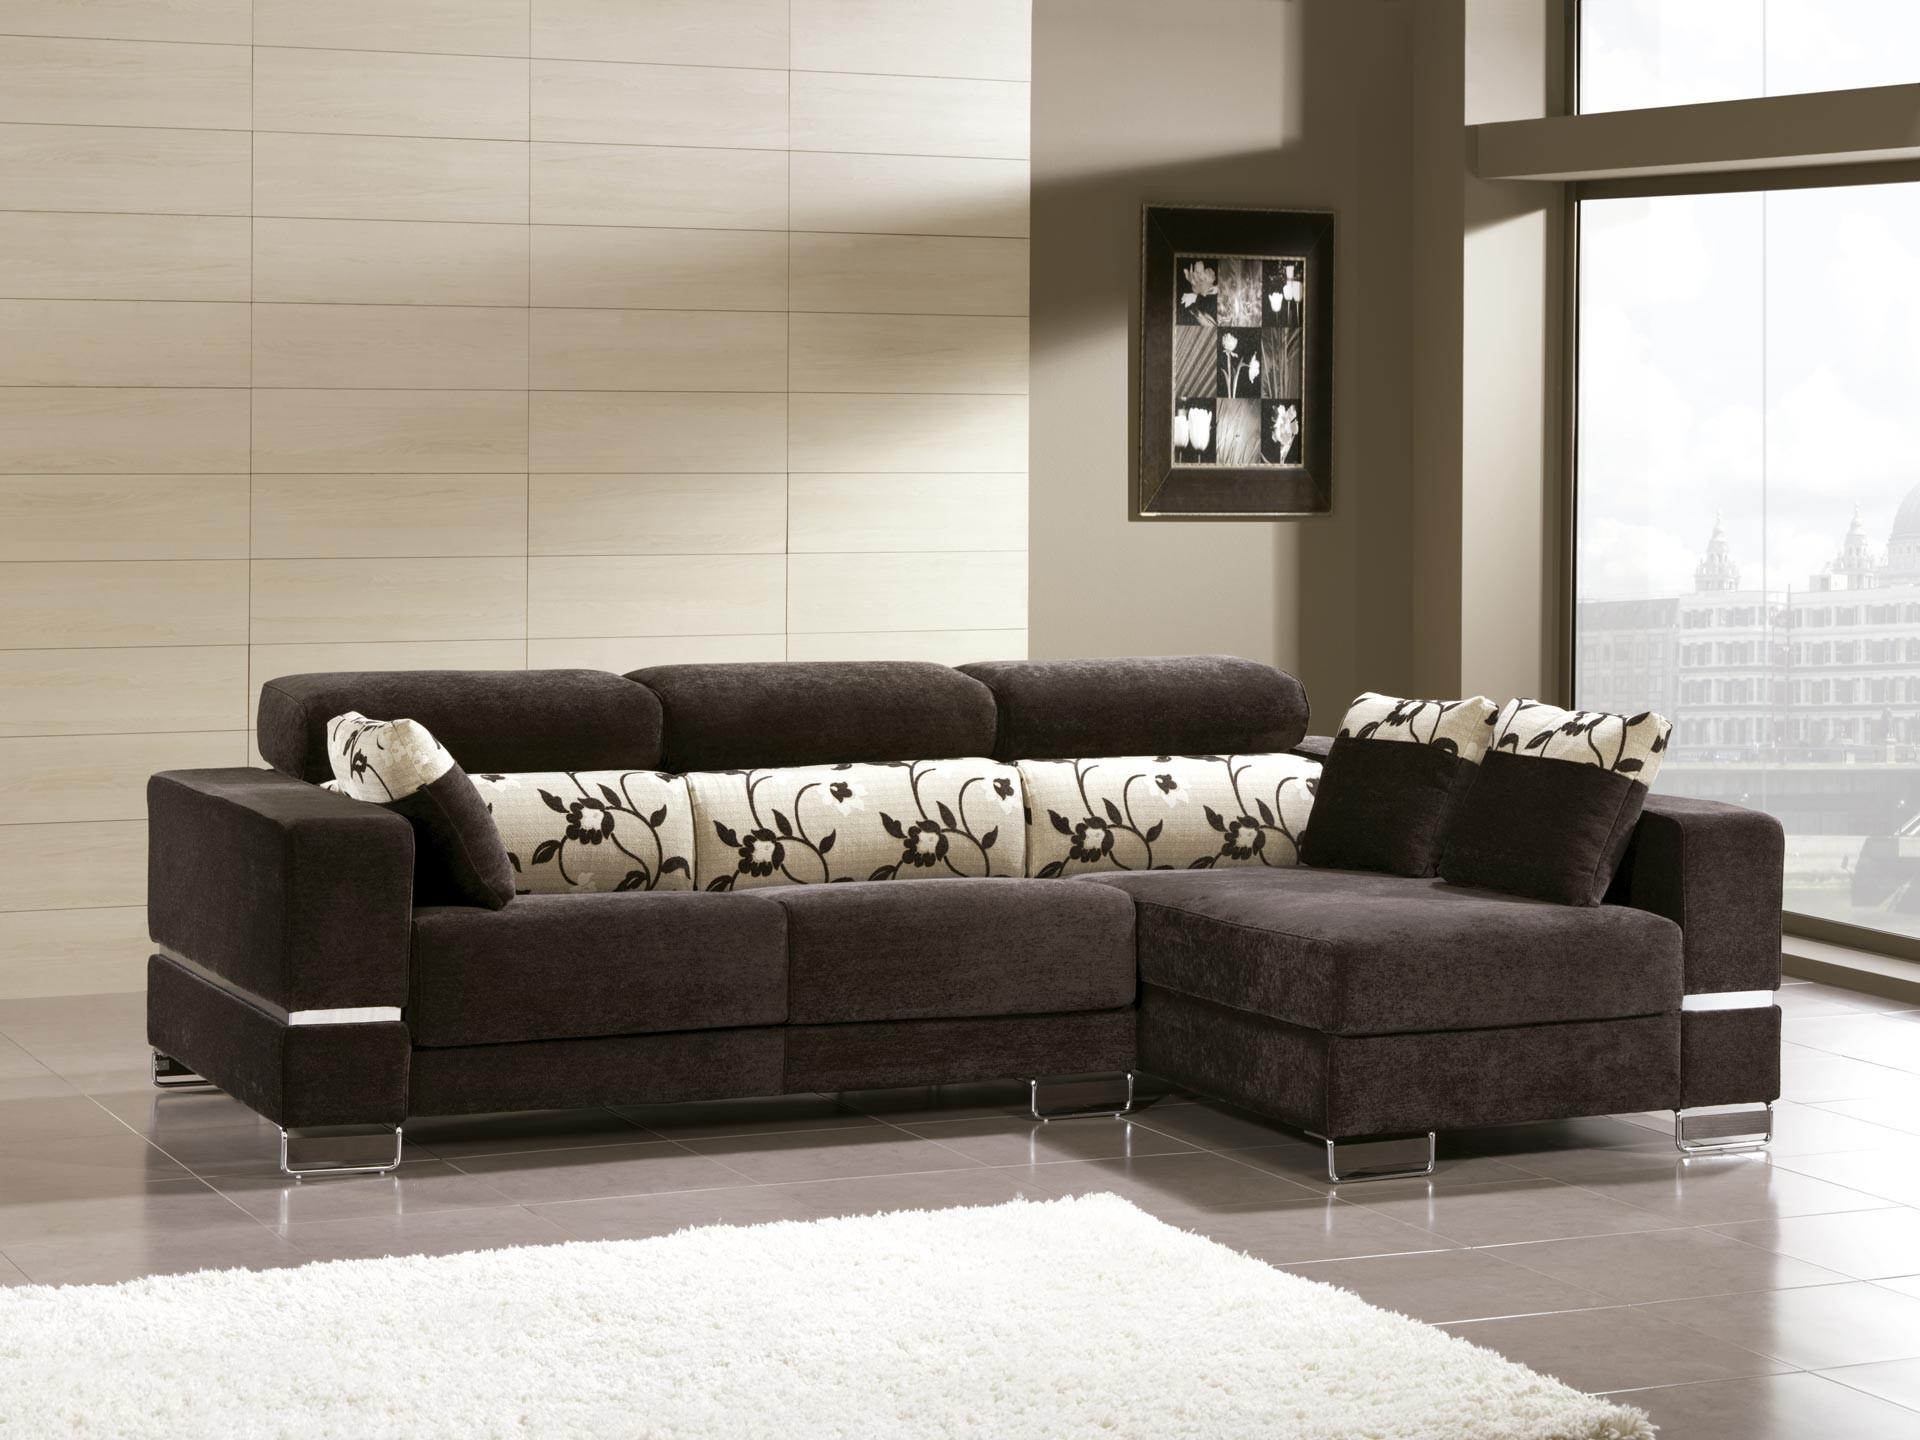 Sofas comodos y modernos nuevo diseo moderno saln con for Sofas buenos y comodos